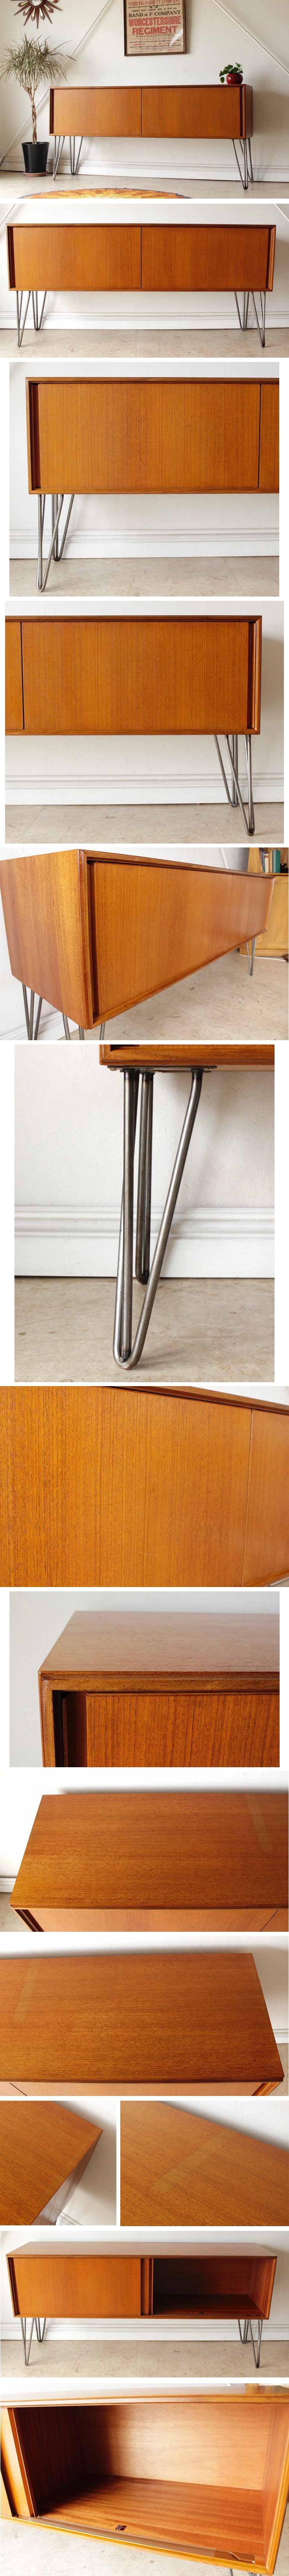 ジープラン・アイアンレッグ・サイドボード・テレビボード・チーク・イギリス・ビンテージ・アンティーク・北欧・輸入家具